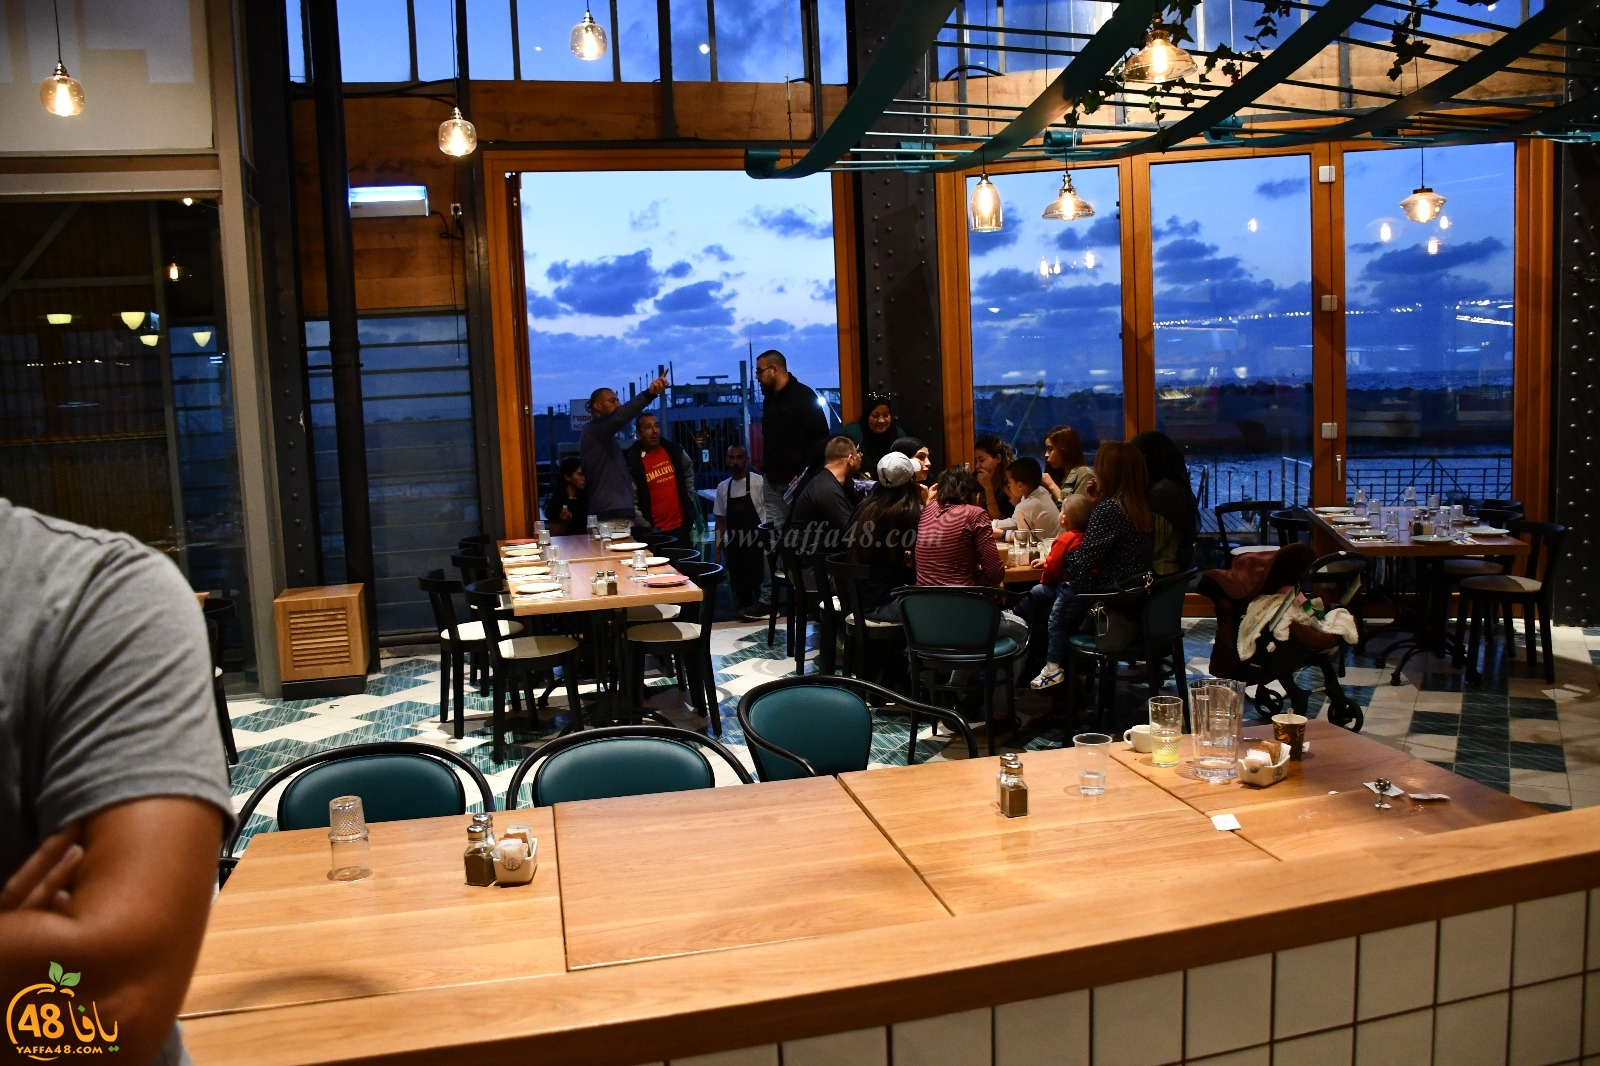 فيديو: افتتاح مطعم صقلية في مرفأ ميناء يافا لأشهى الوجبات البحرية على الطريقة الايطالية